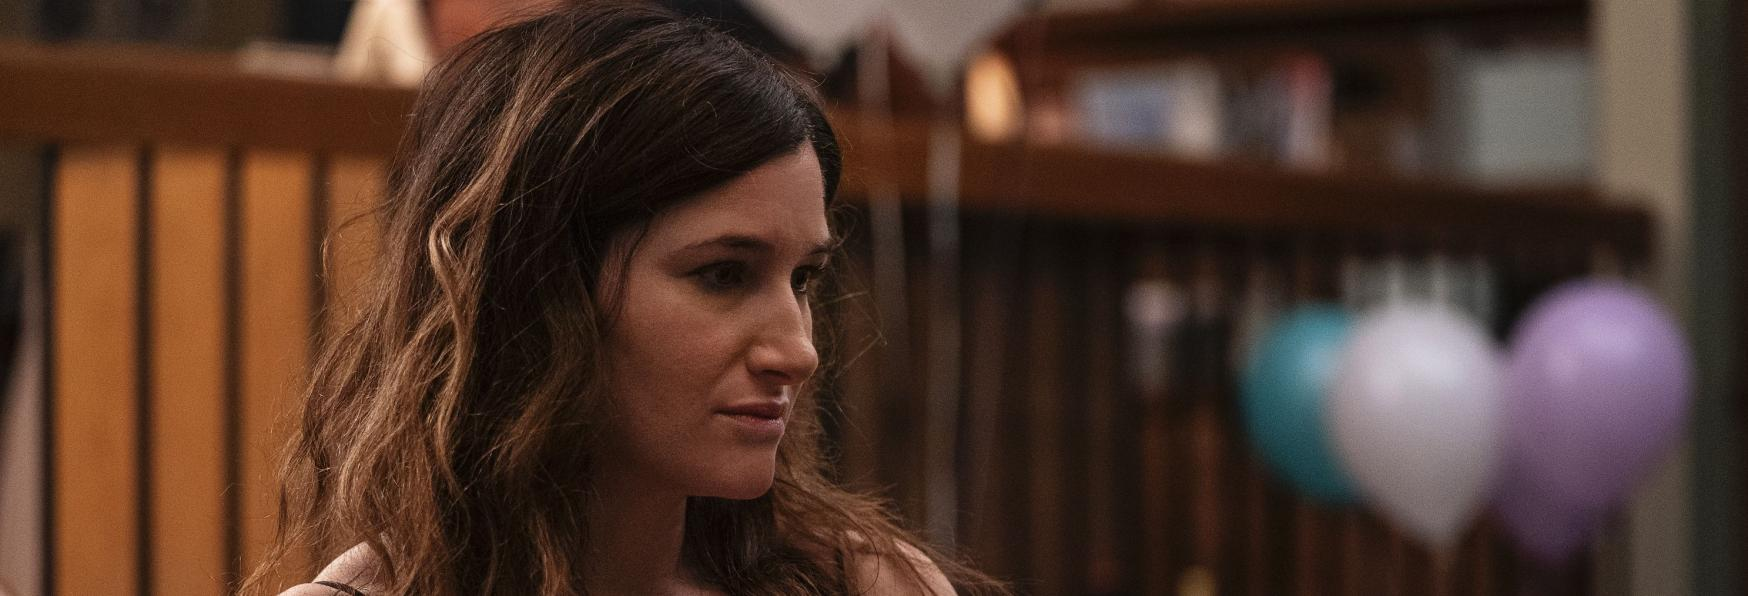 WandaVision: Kathryn Hahn conferma la Riprese Aggiuntive della Serie TV Inedita